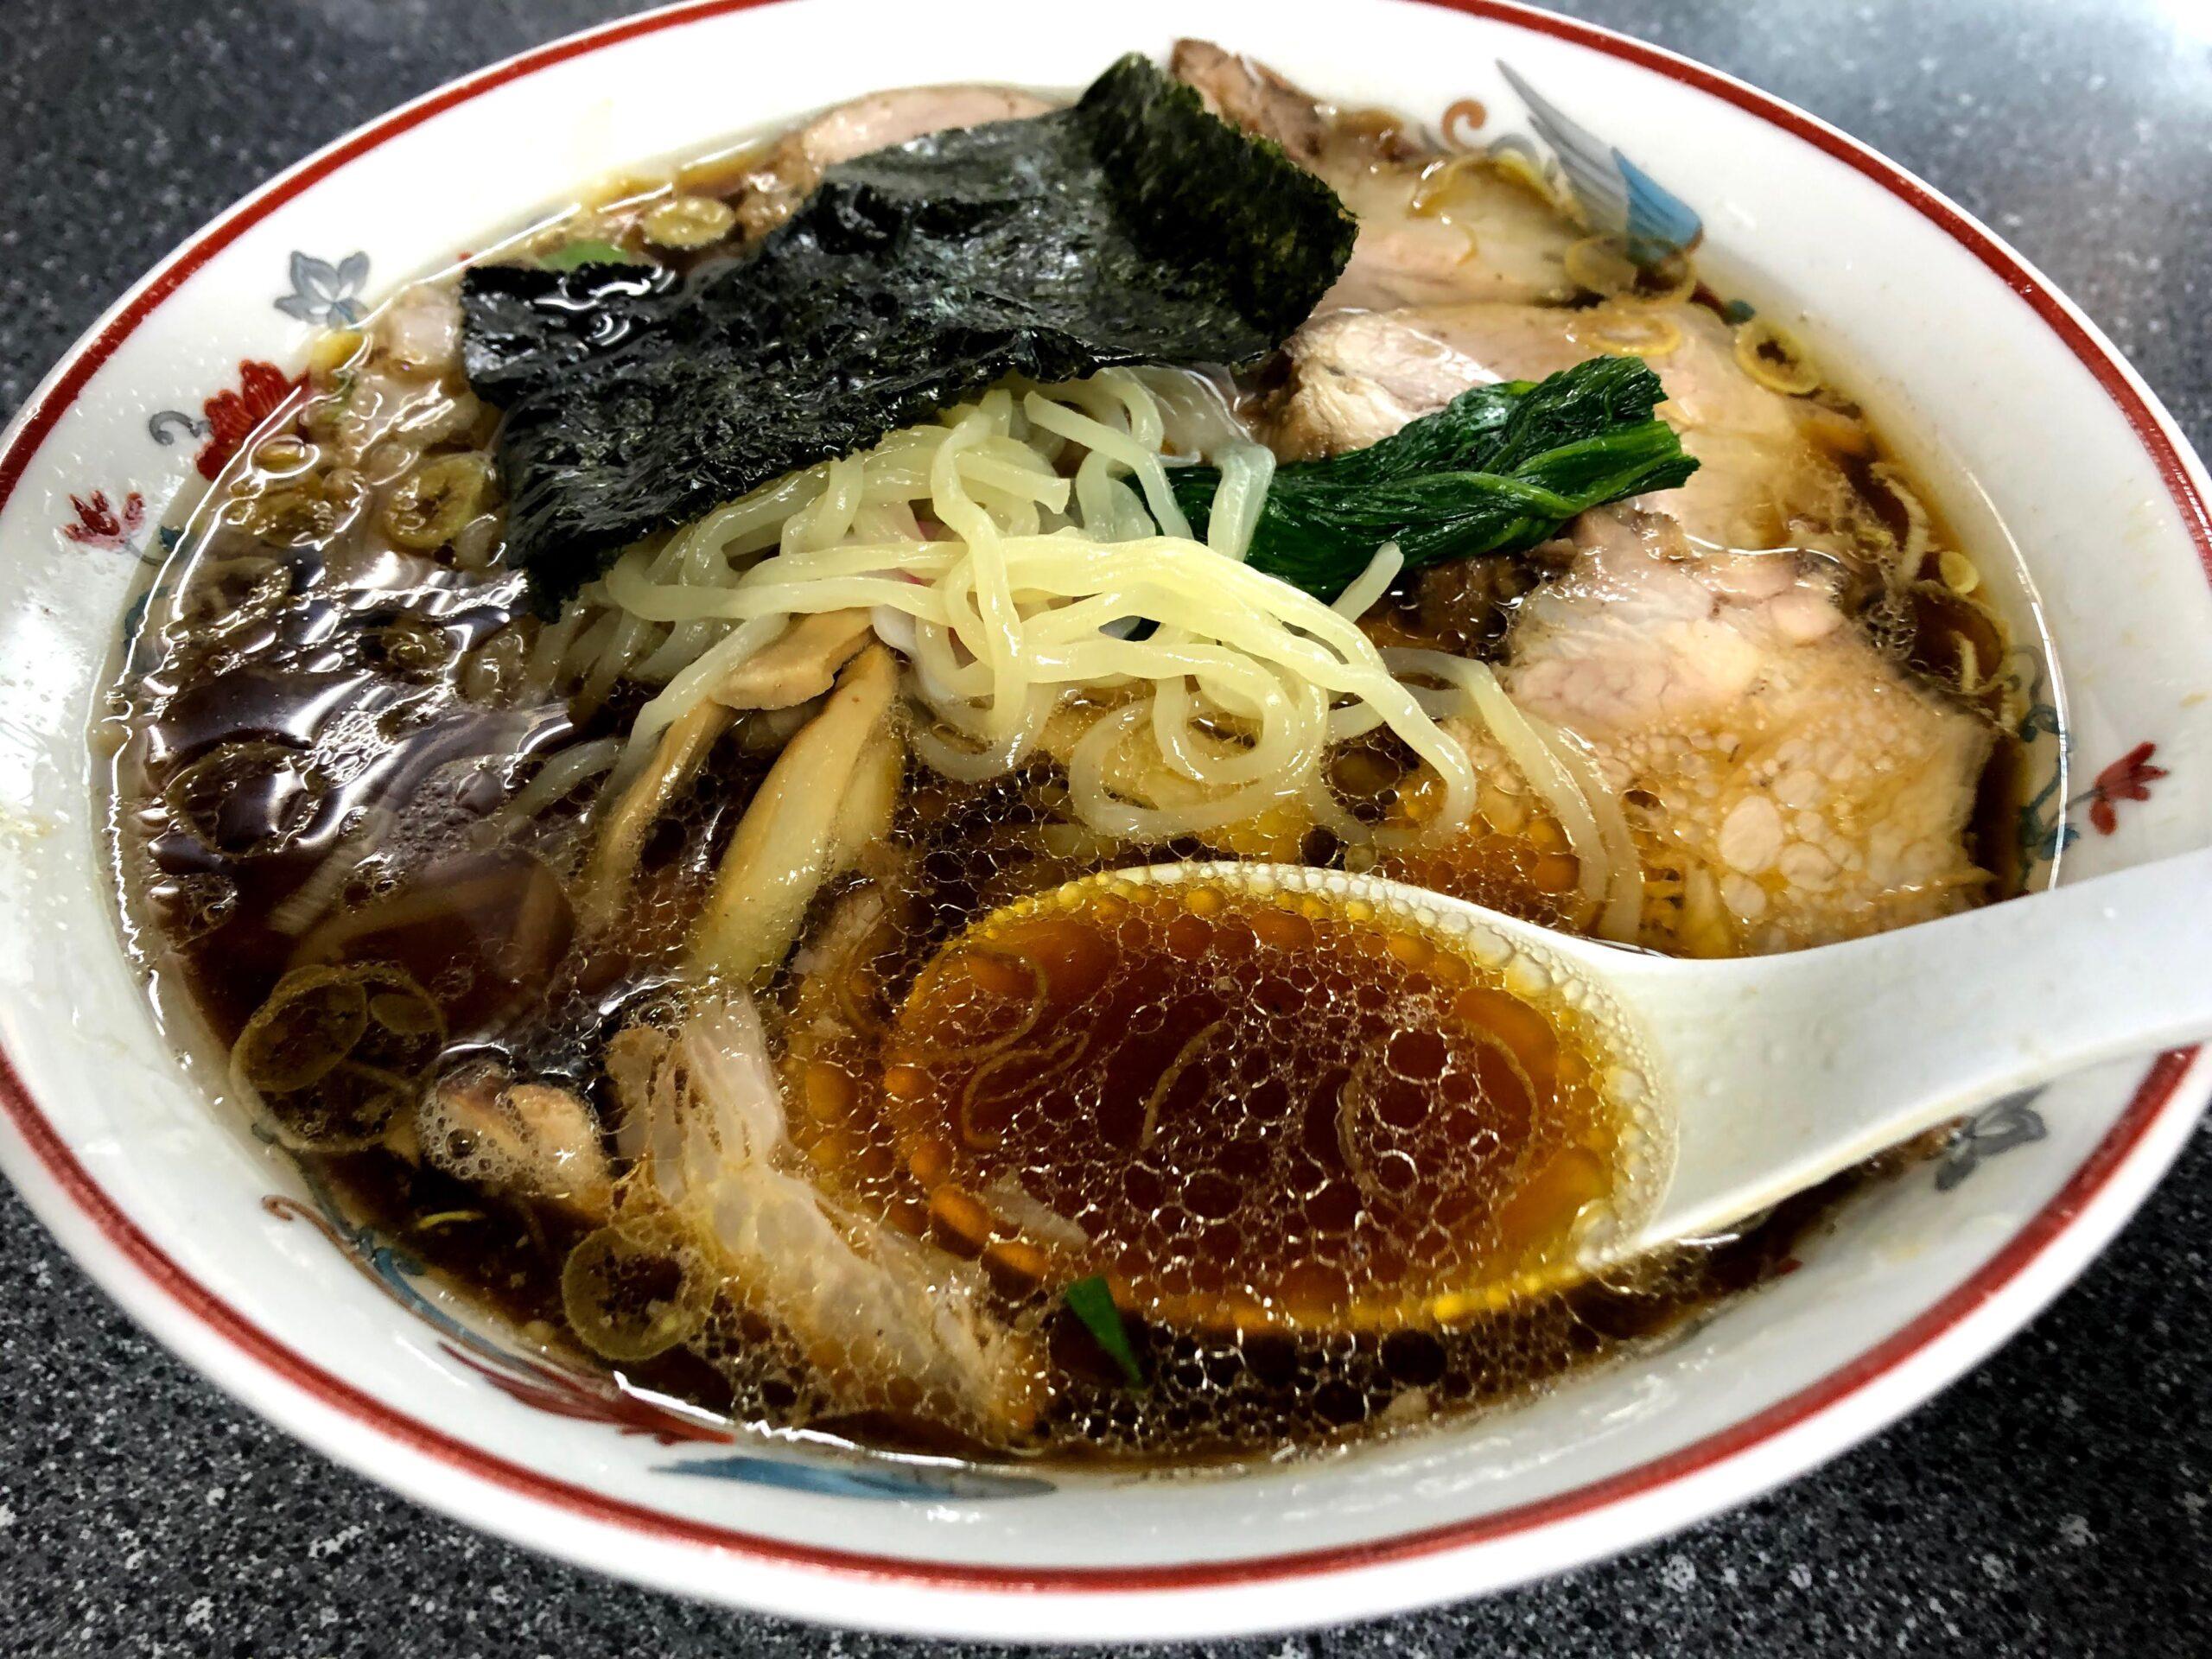 生姜醤油ラーメン元祖のブレない味と技!「青島食堂」南万代店